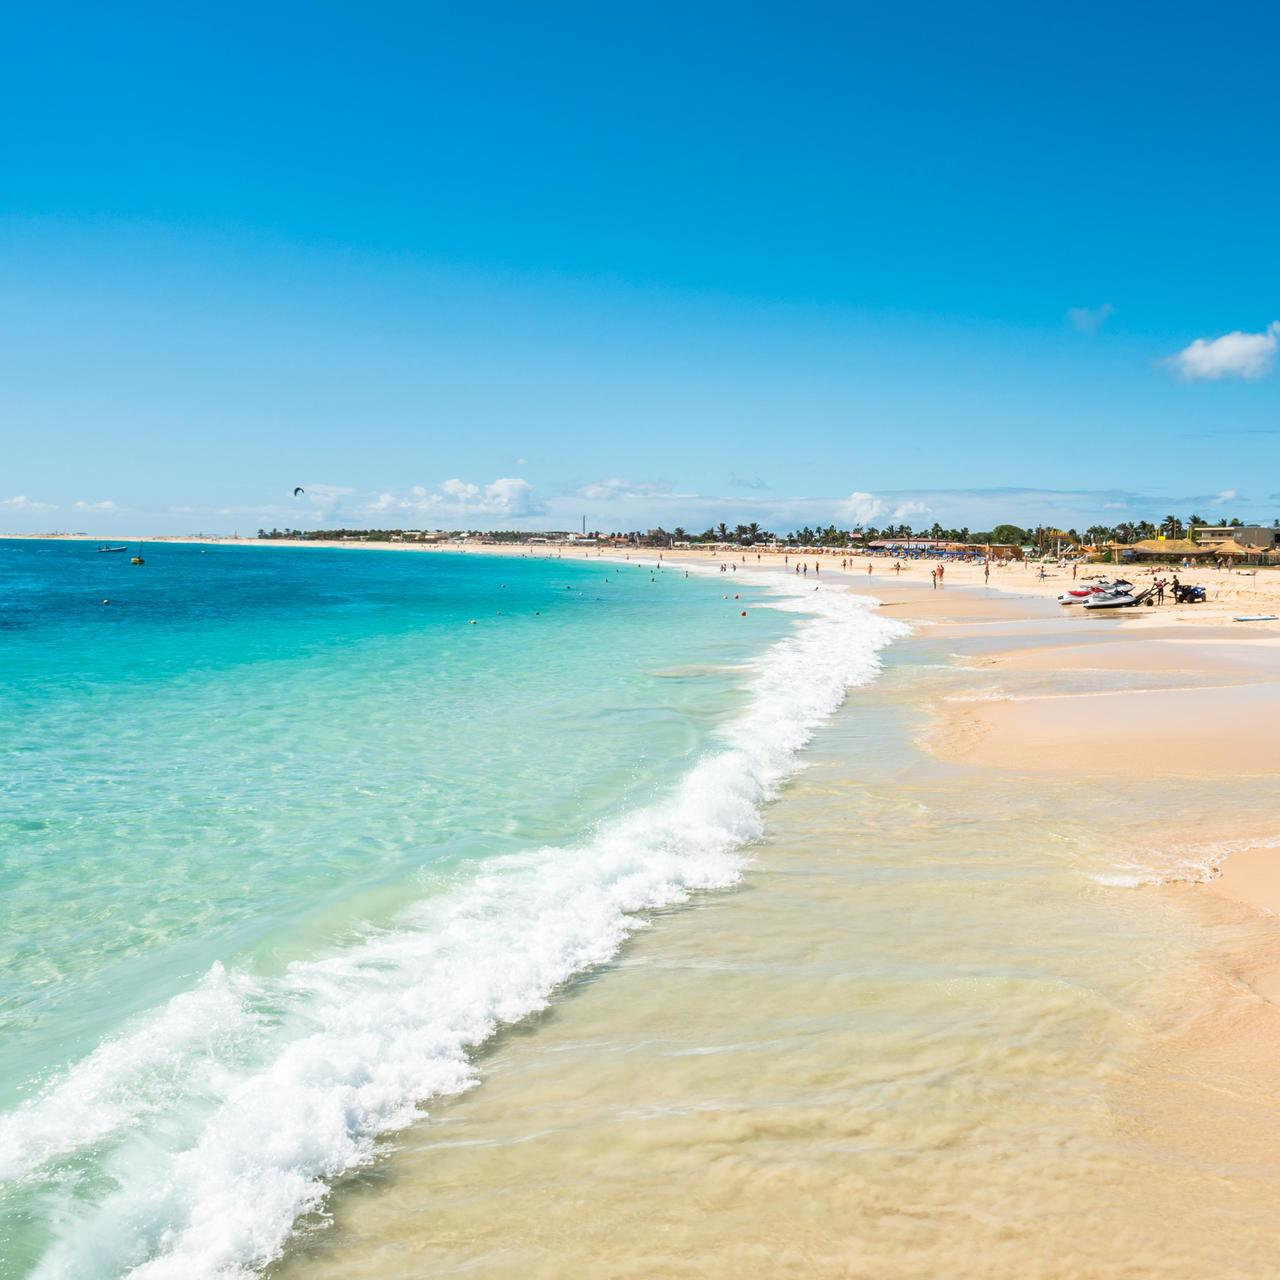 Flüge nach Kap Verde / Sal hin und zurück von Brüssel (November - Februar) ab 130€